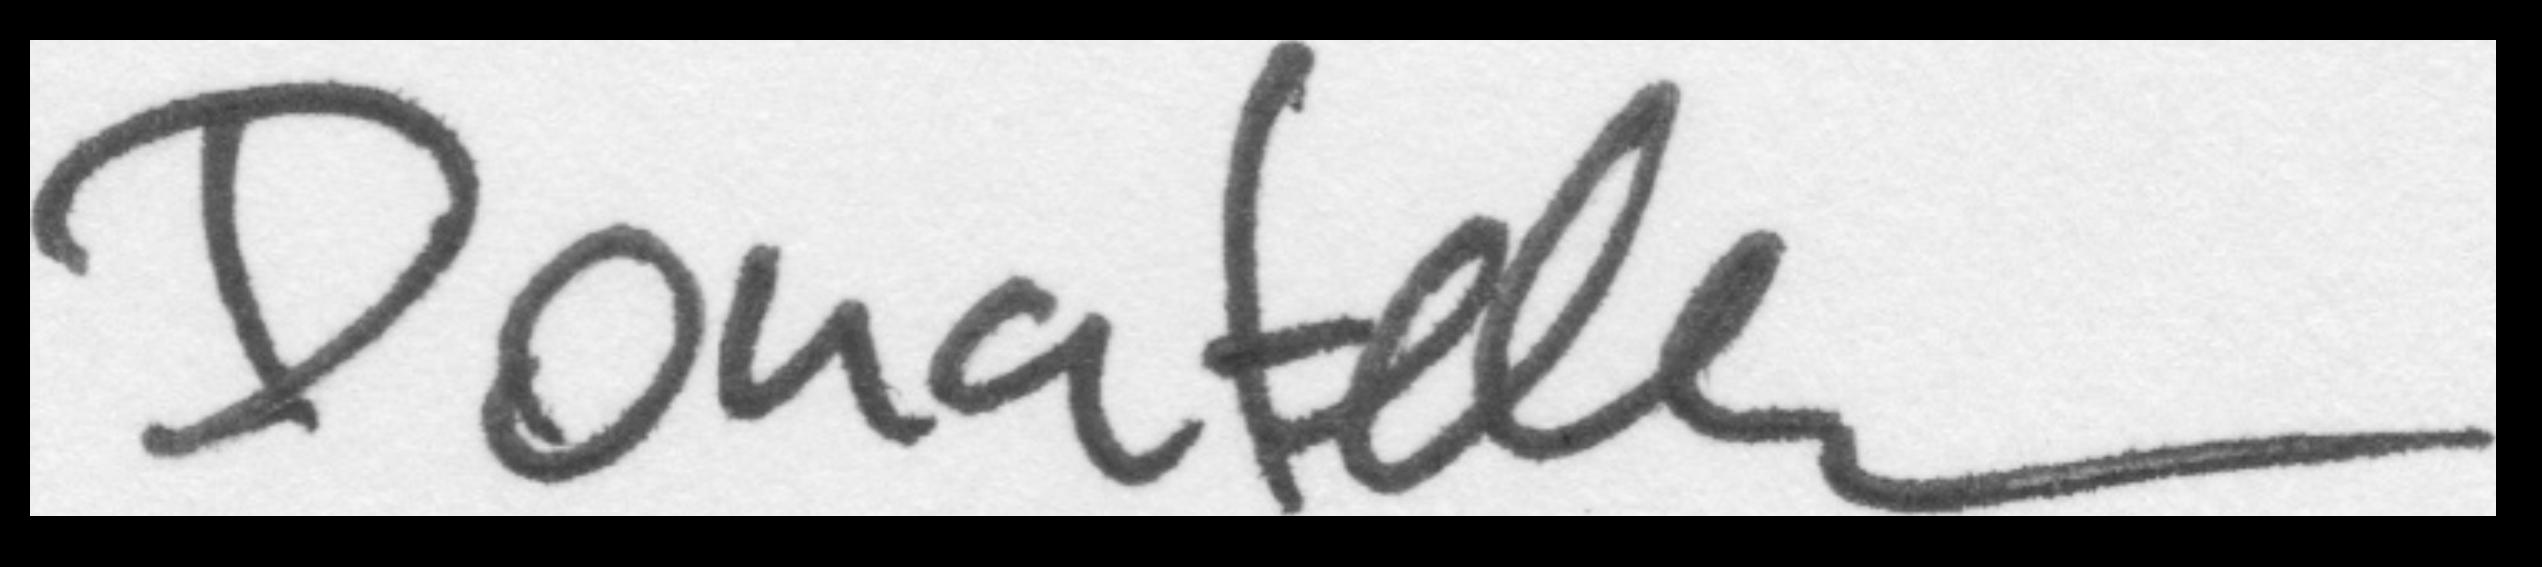 Donatella Signature